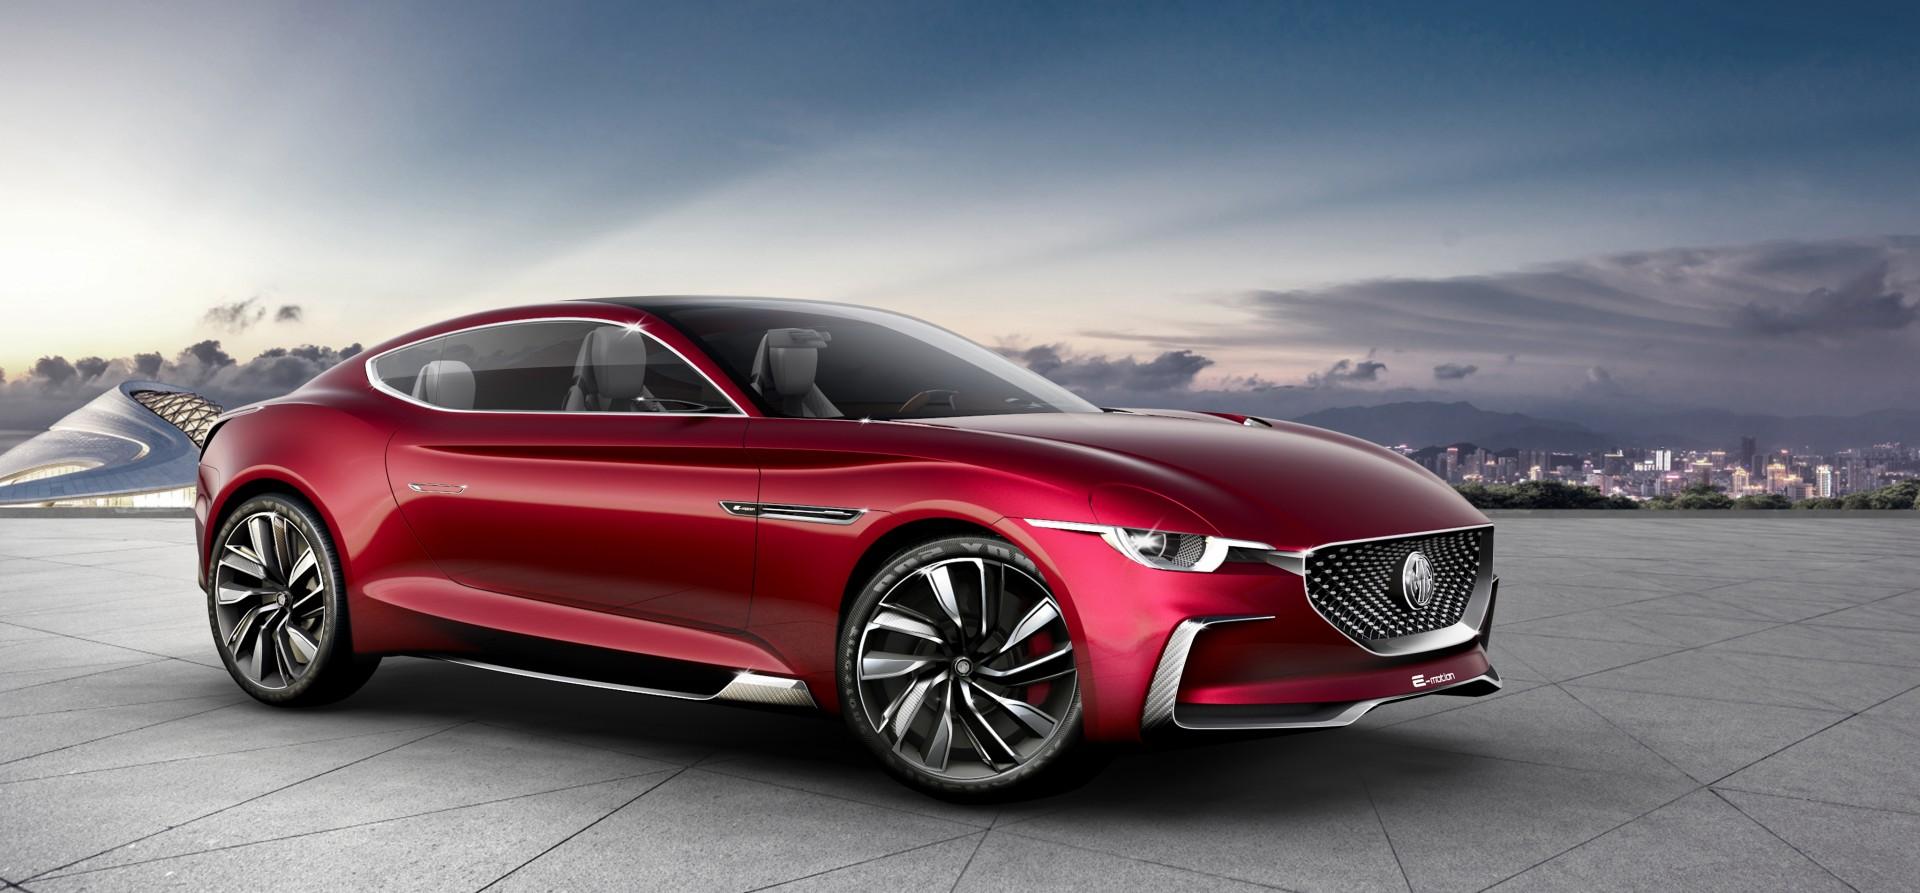 MG traerá un nuevo coupé deportivo y eléctrico en 2021